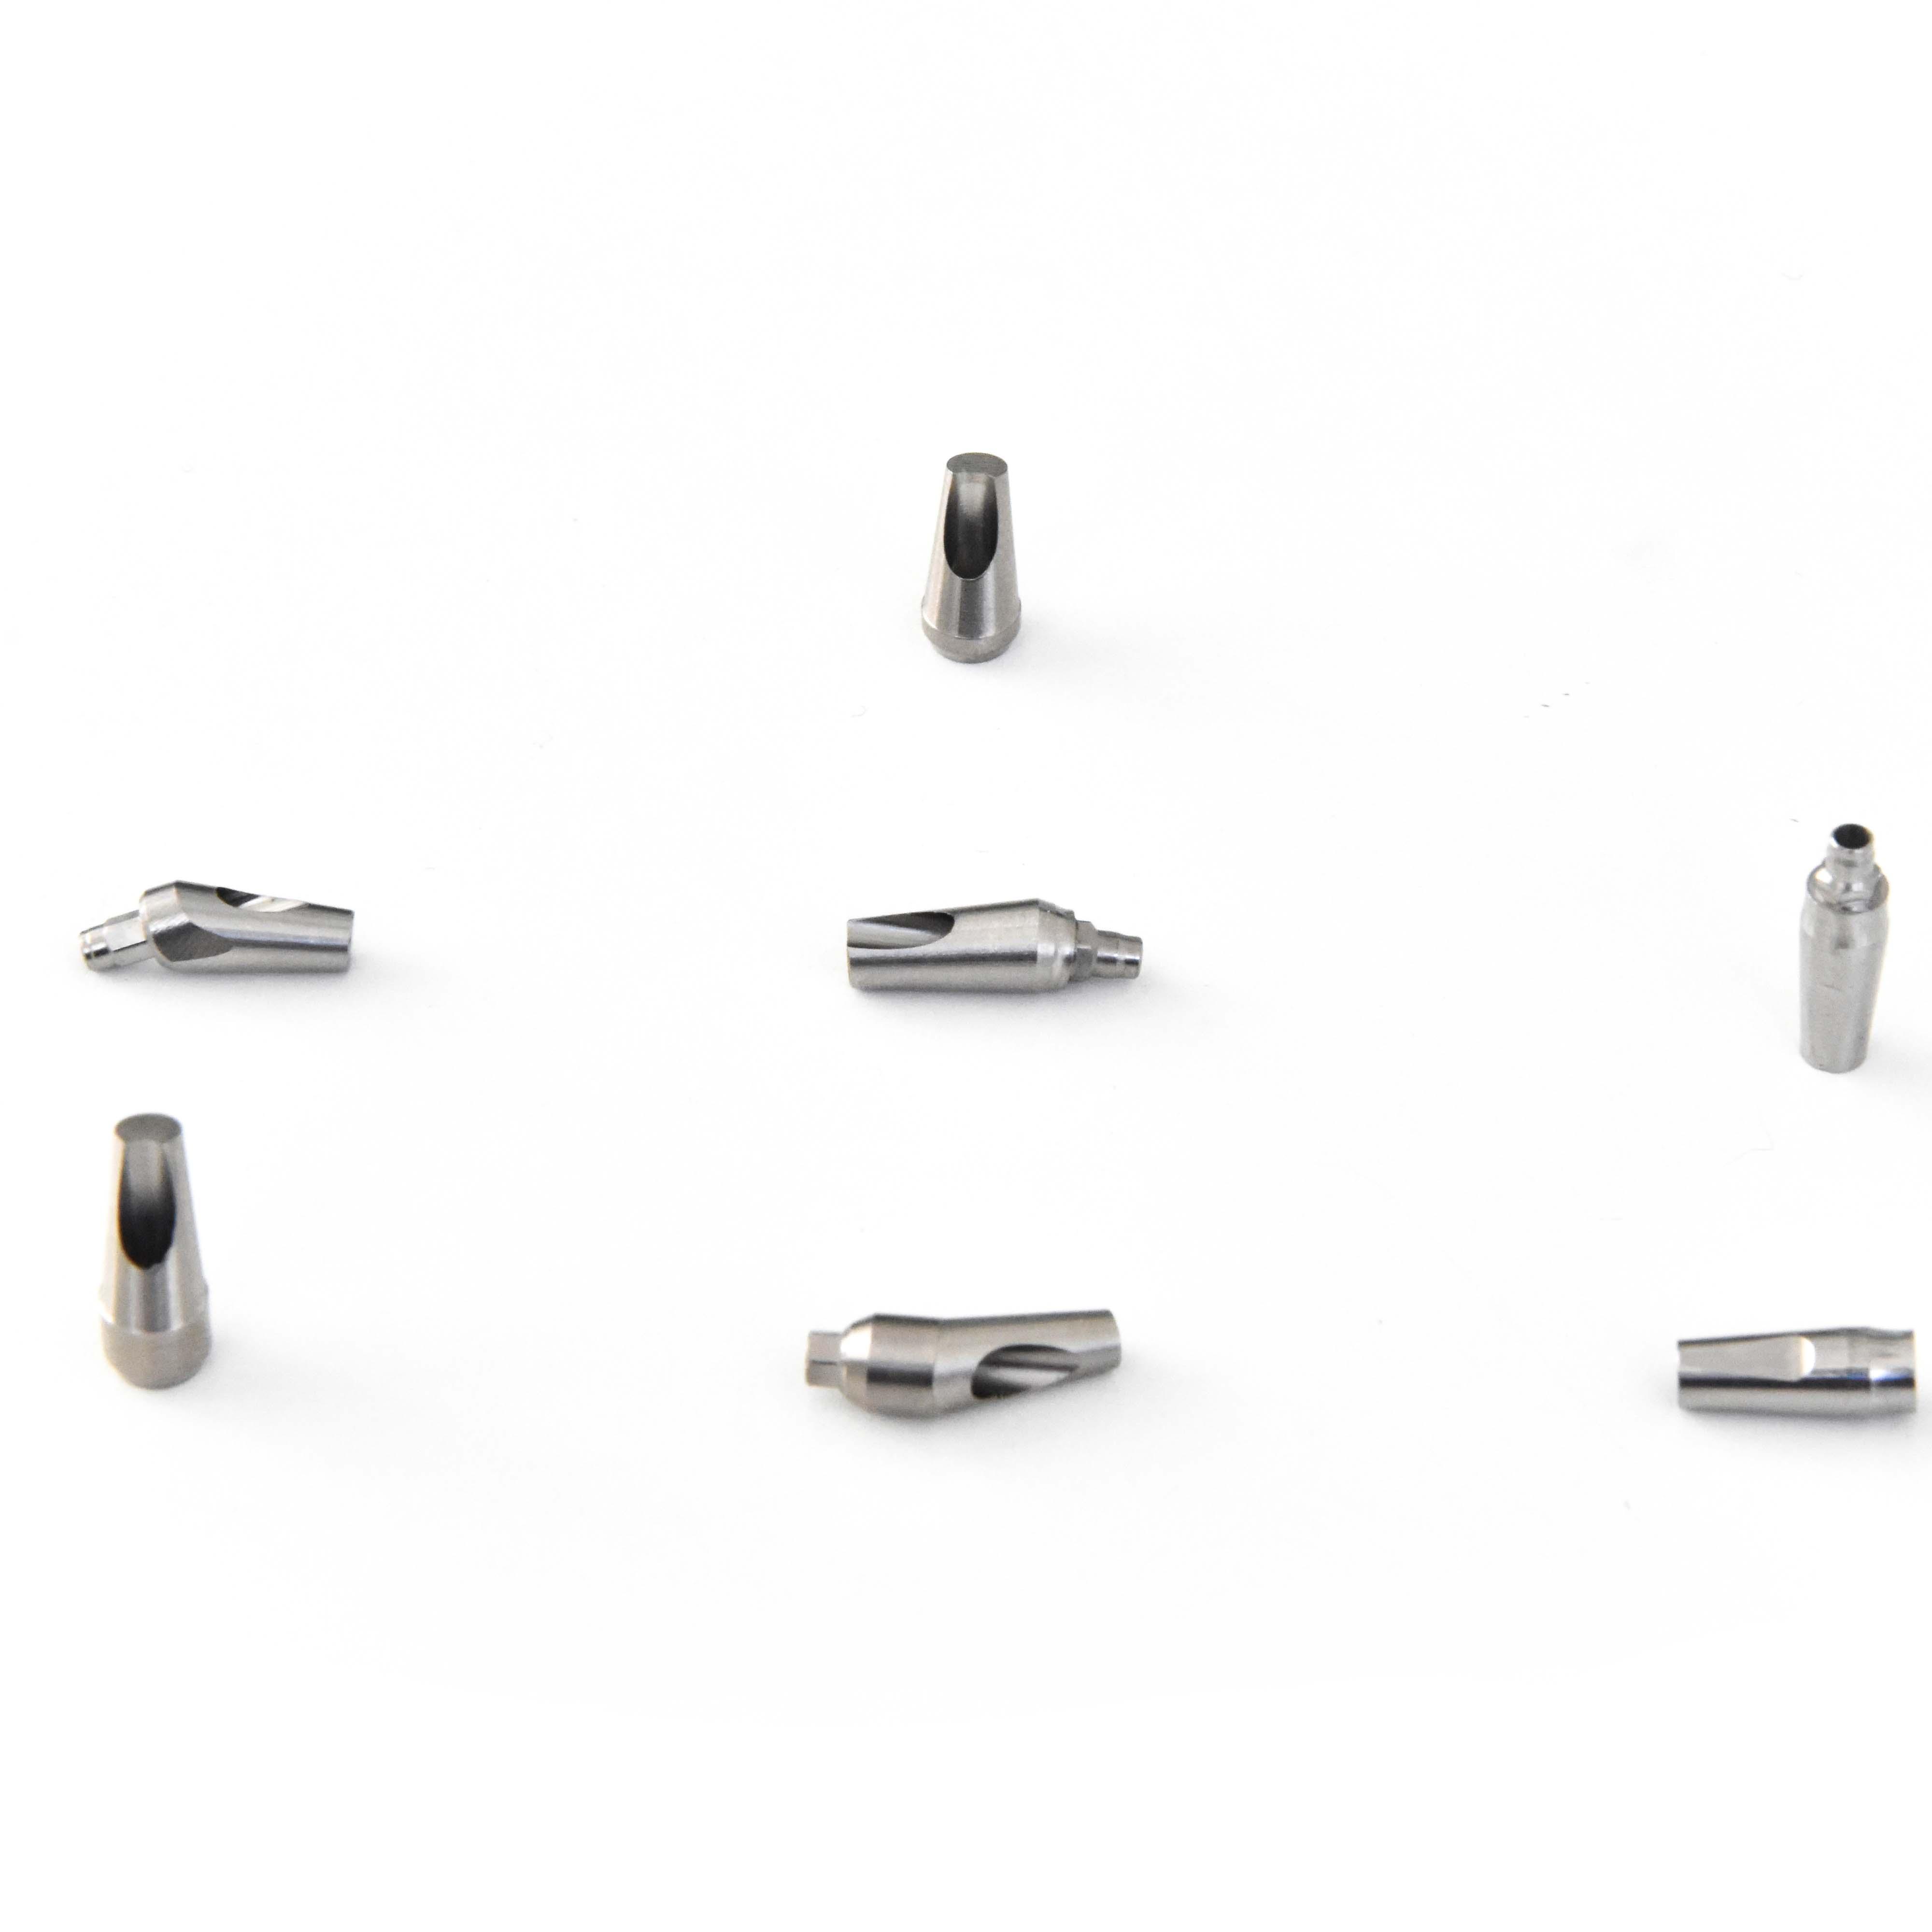 Abutment dritti e angolati con connessioni interne, esterne, personalizzate, Ucla, calcinabili, e per scansioni digitali